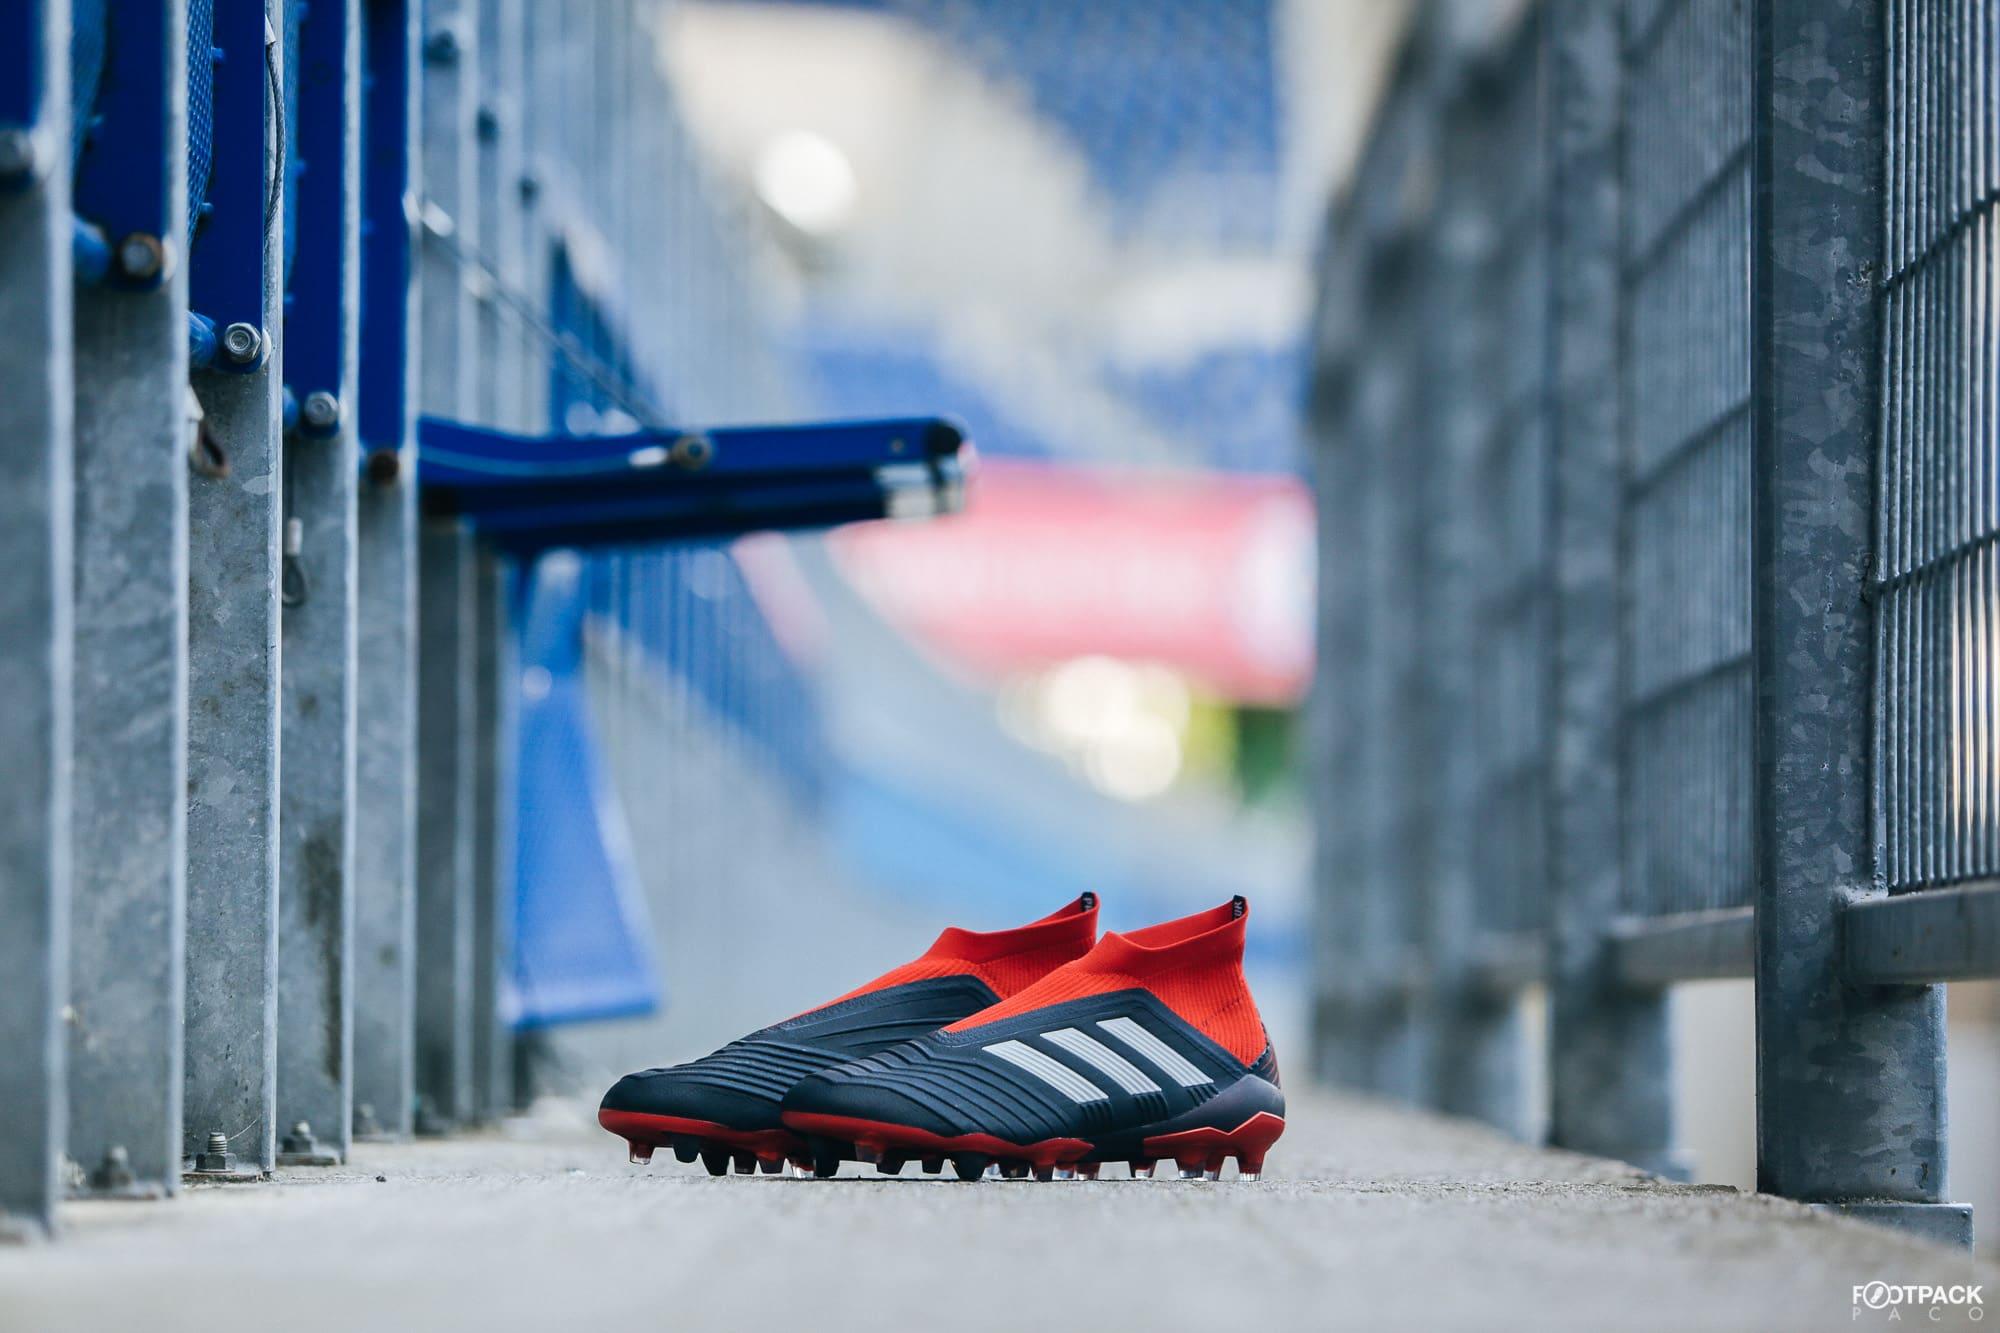 chaussures-football-adidas-predator-team-mode-juillet-2018-3